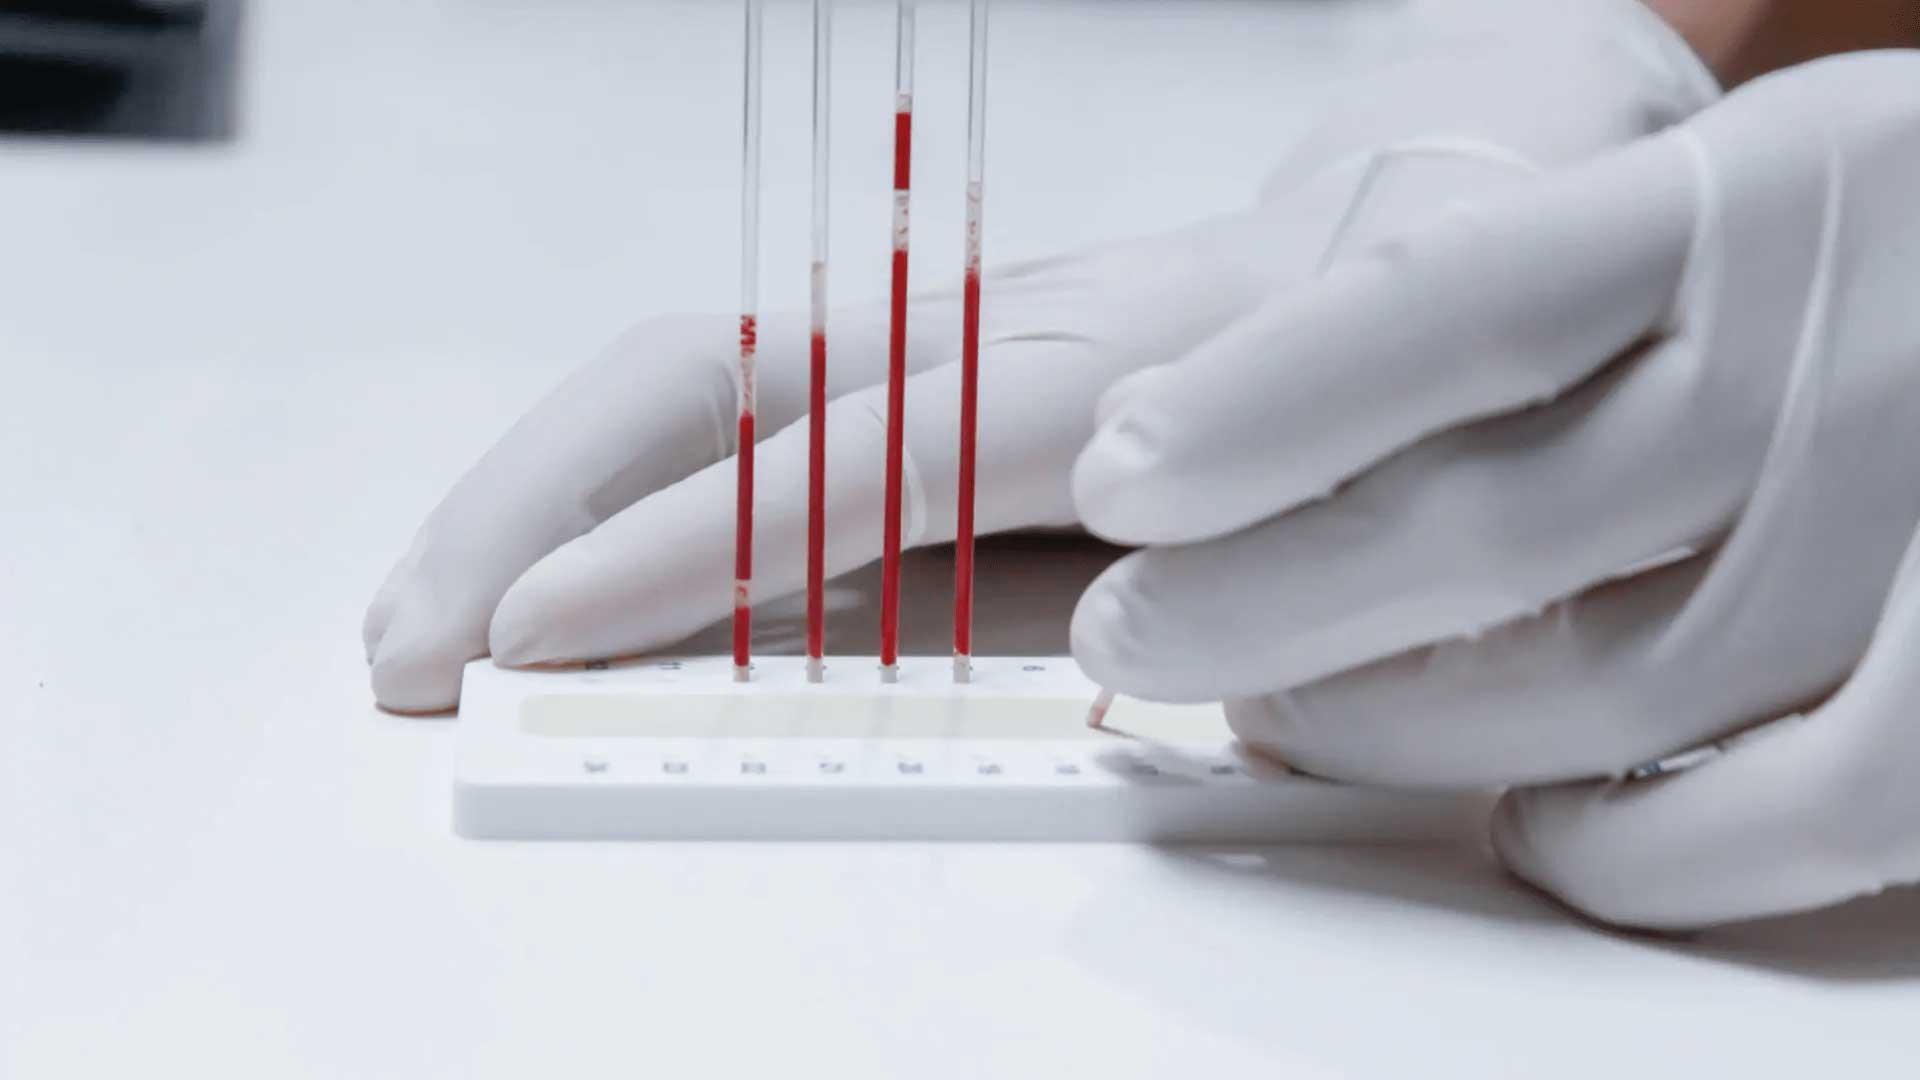 Hematología   Laboratorio Ganivet   Laboratorio de Análisis Clínicos   Granada